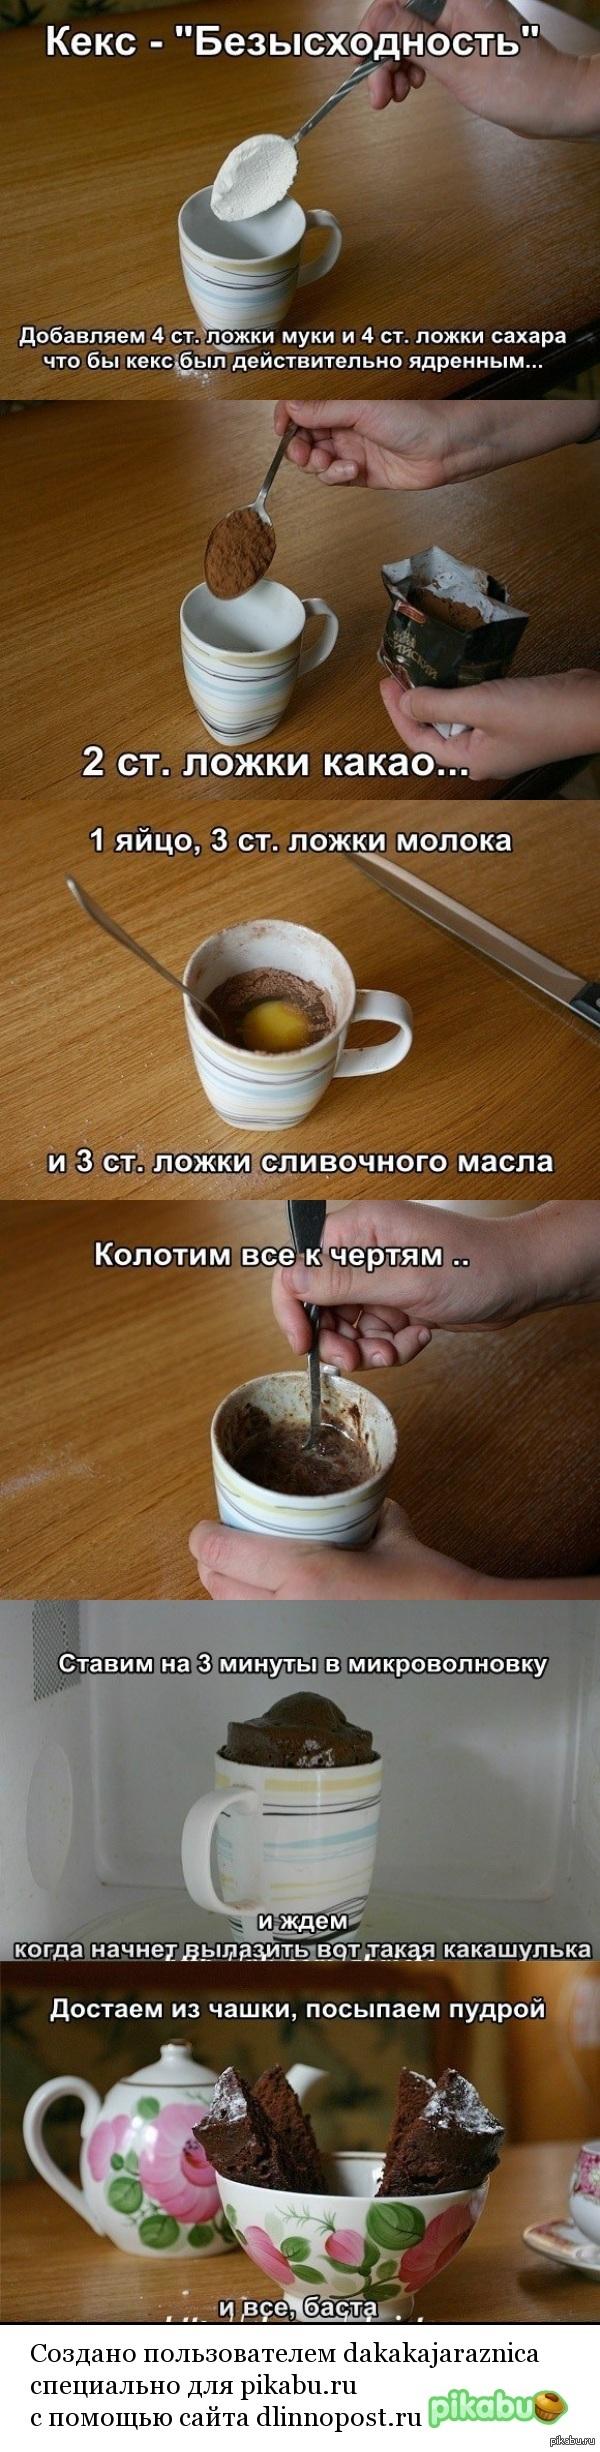 """Кекс """"Безысходность""""   кекс, рецепт, ВКонтакте, длиннопост"""